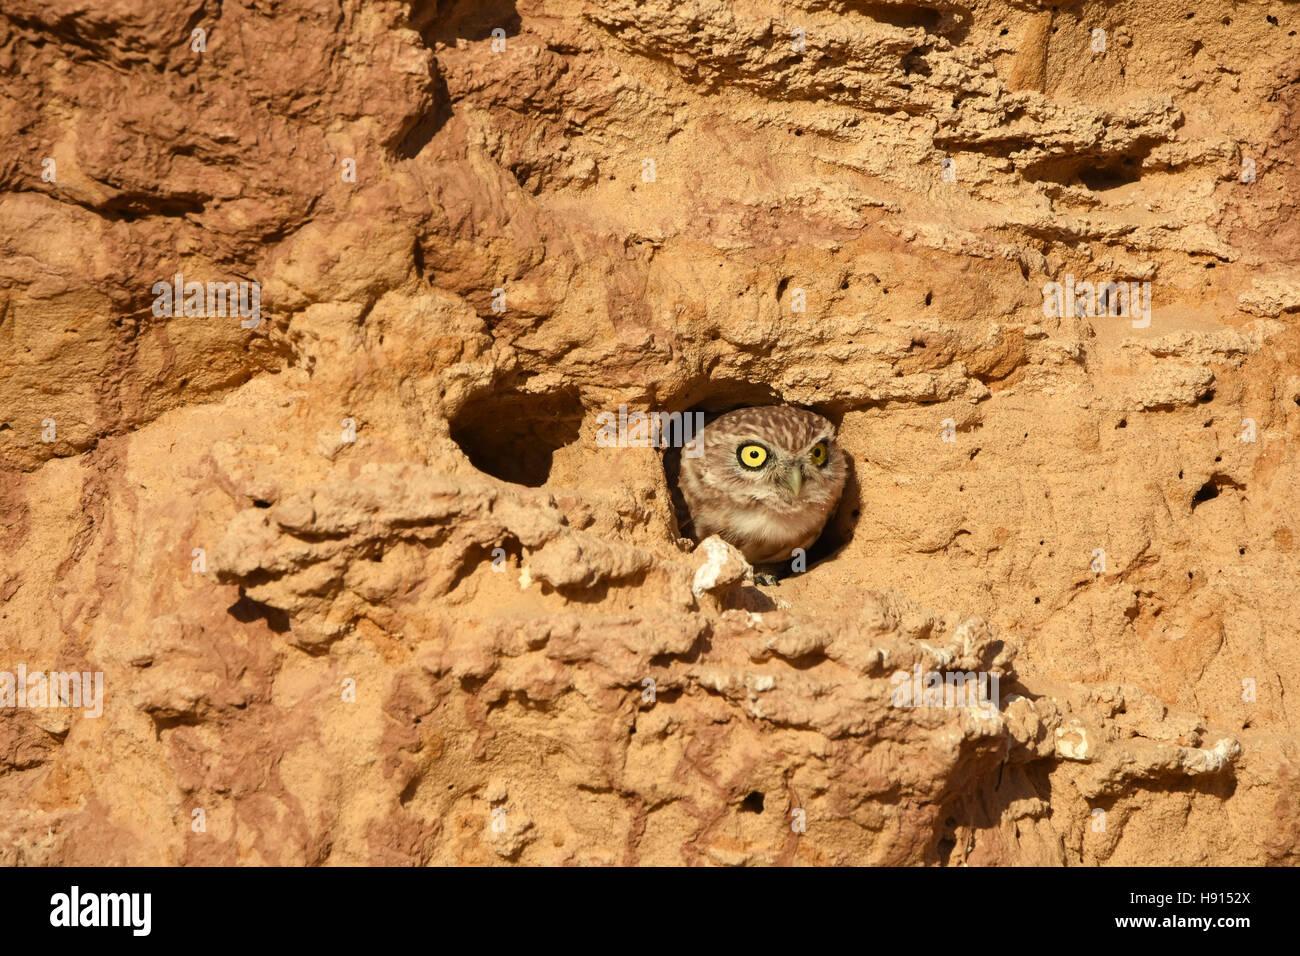 Steinkauz, Athene Noctua, spähte aus seiner burrow Stockfoto